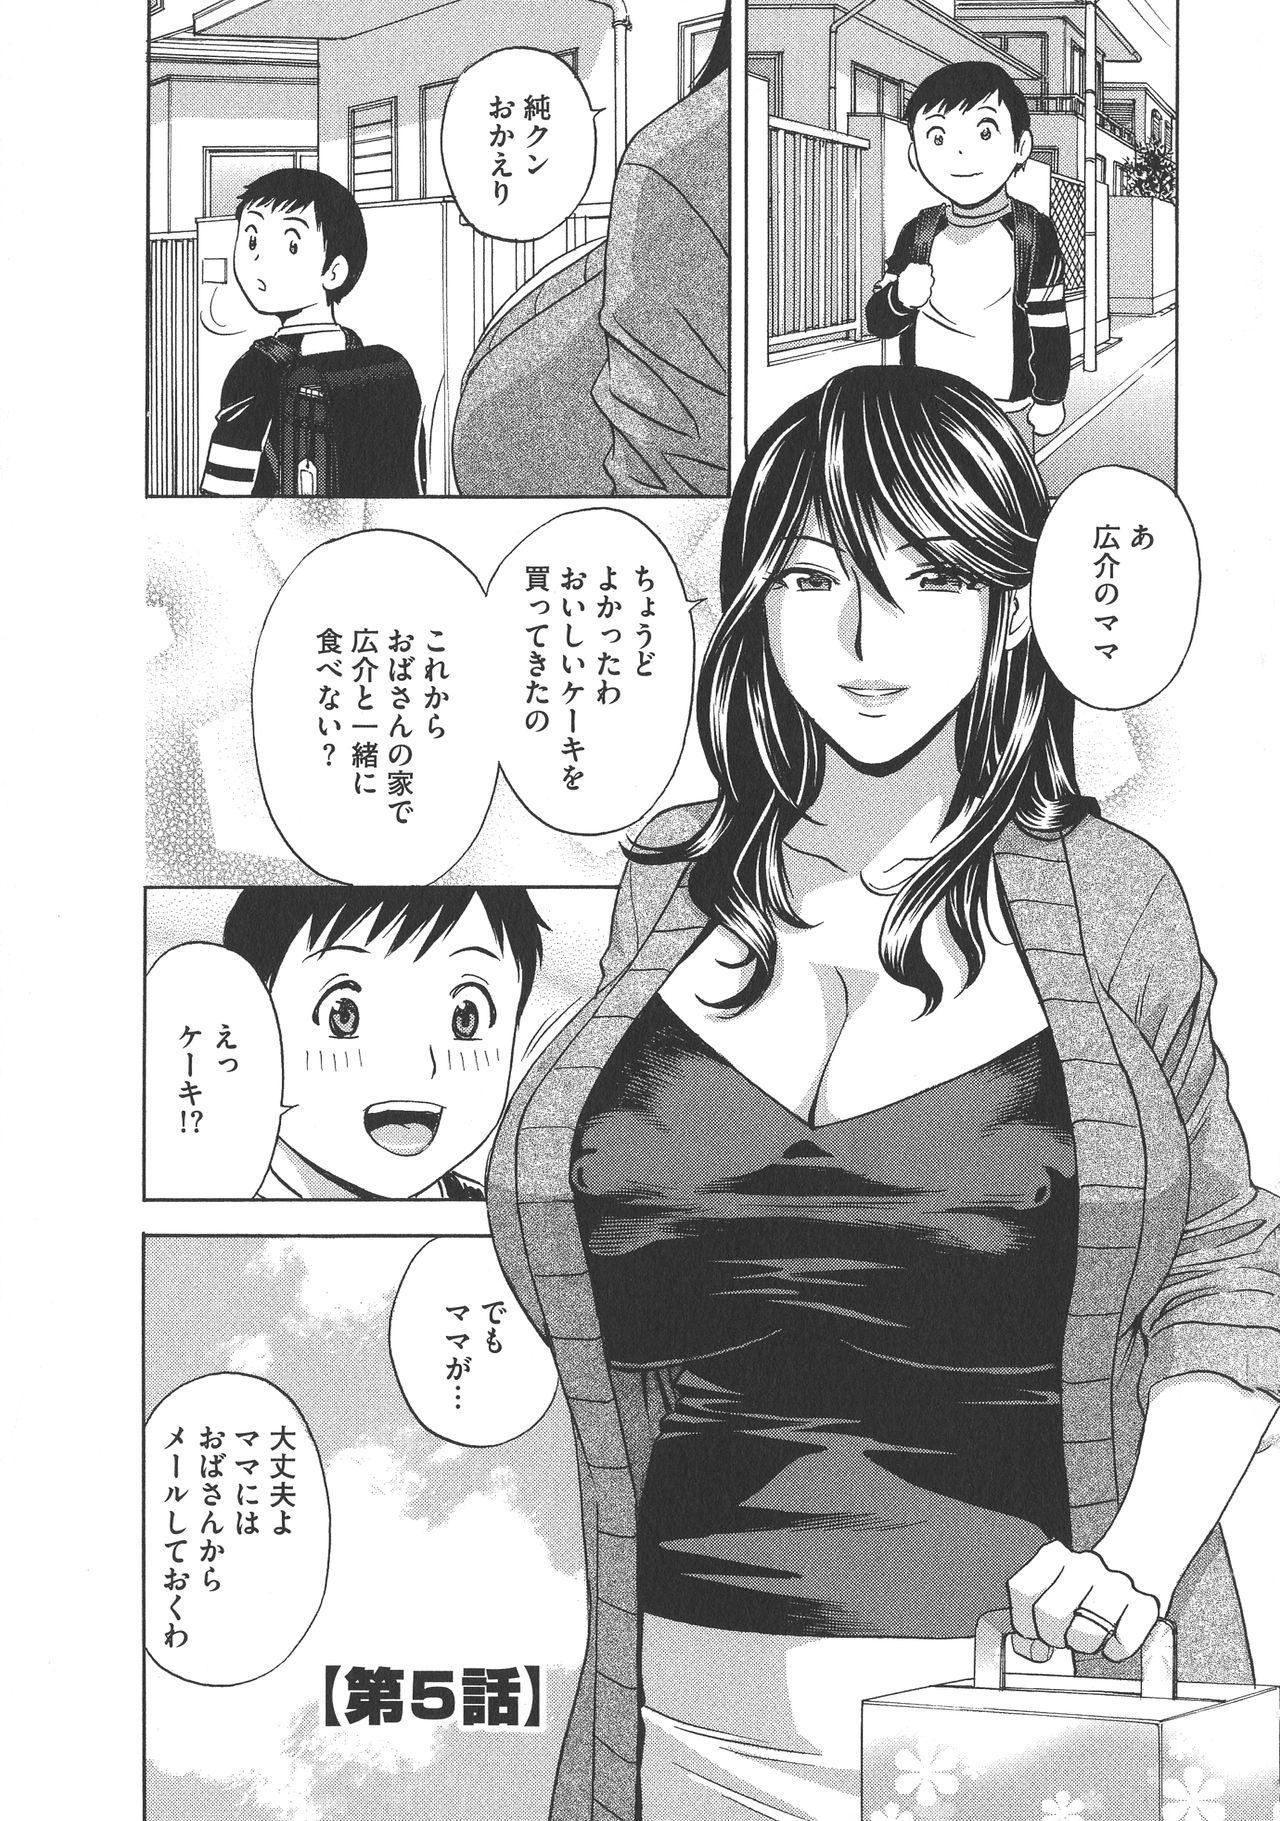 Chijoku ni Modaeru Haha no Chichi… 68